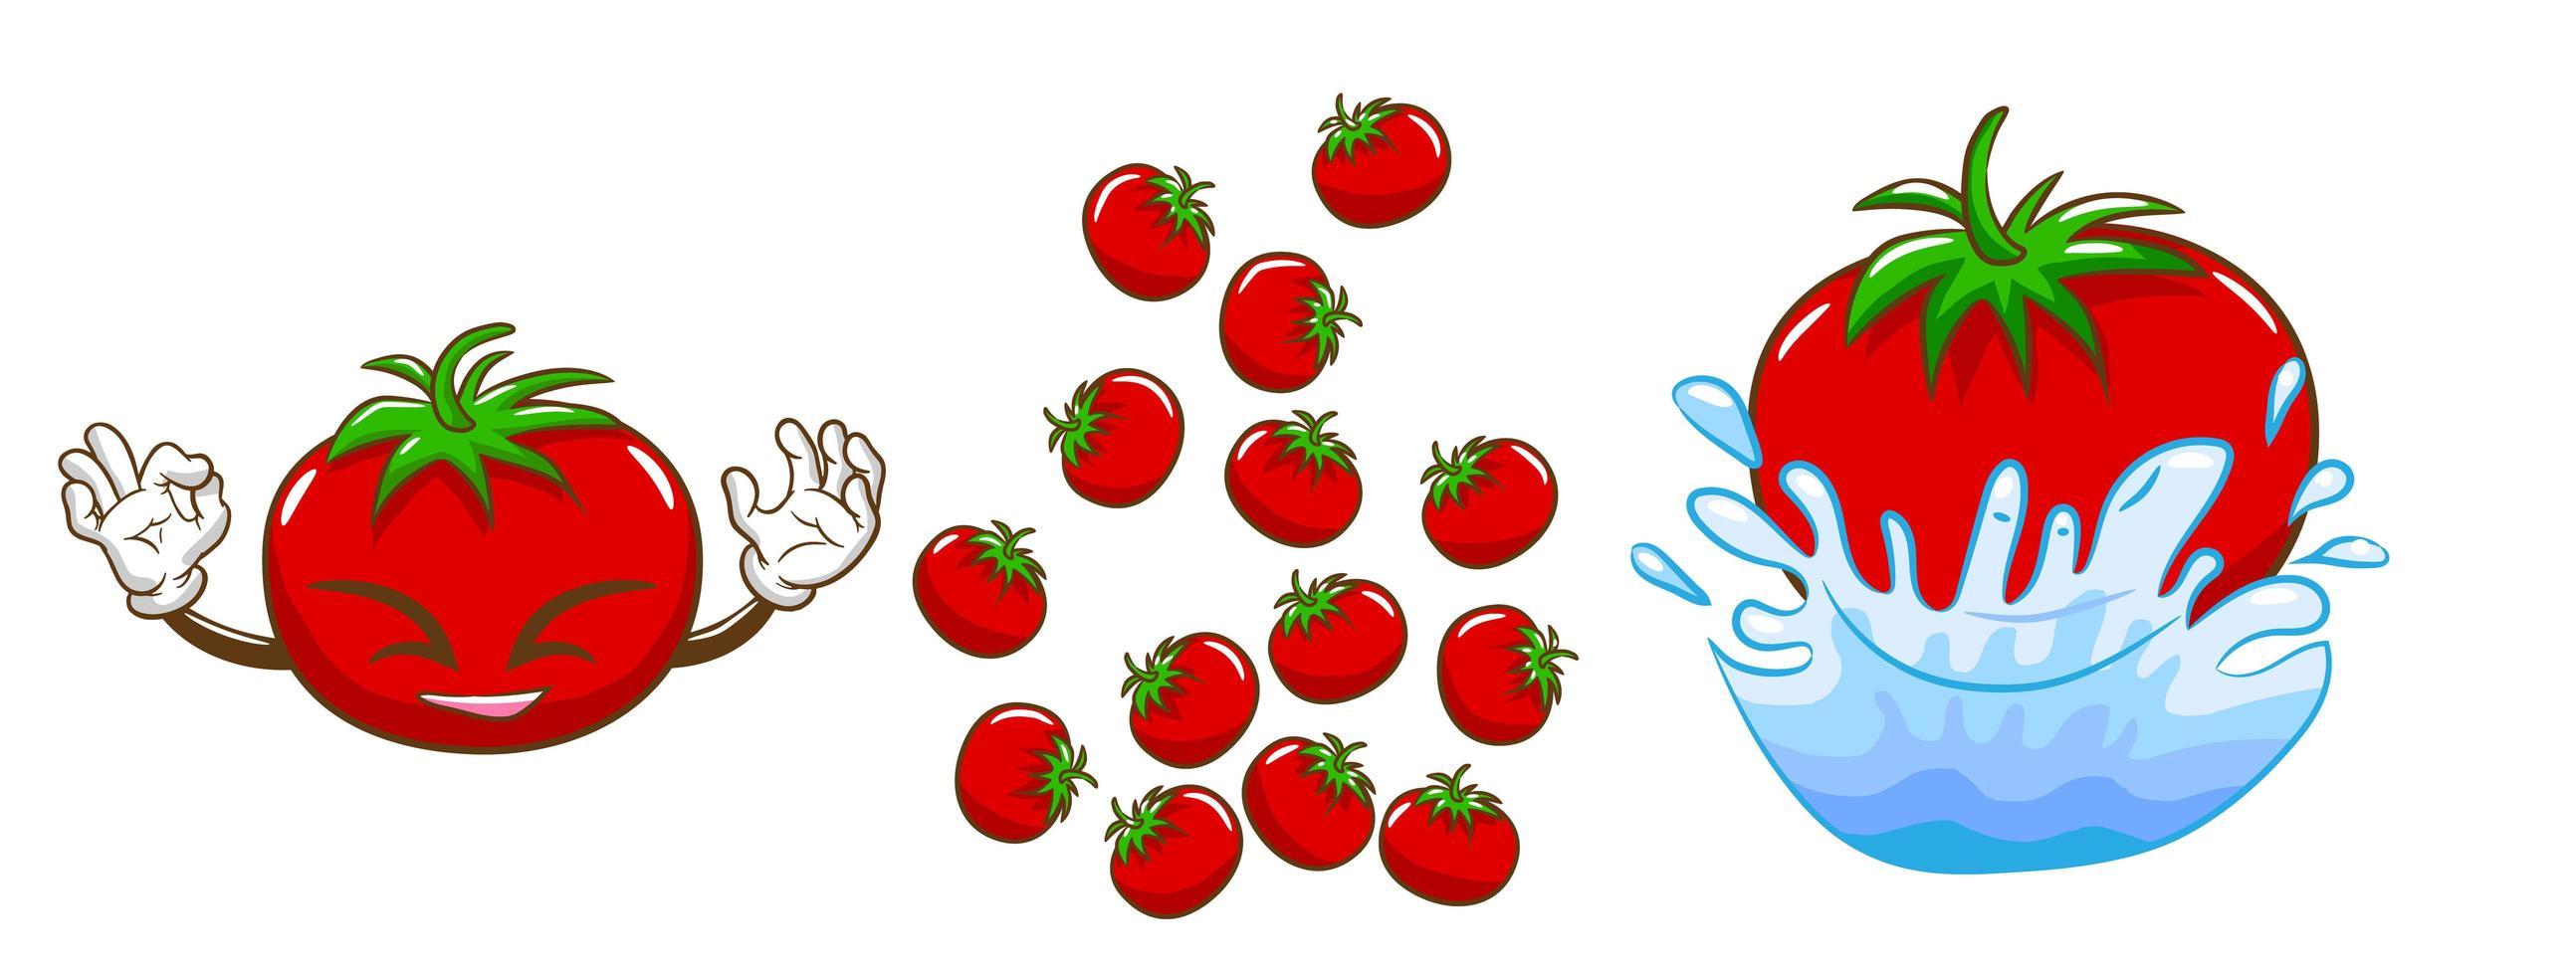 sorrindo tomate vermelho com outro conjunto de tomates vetor